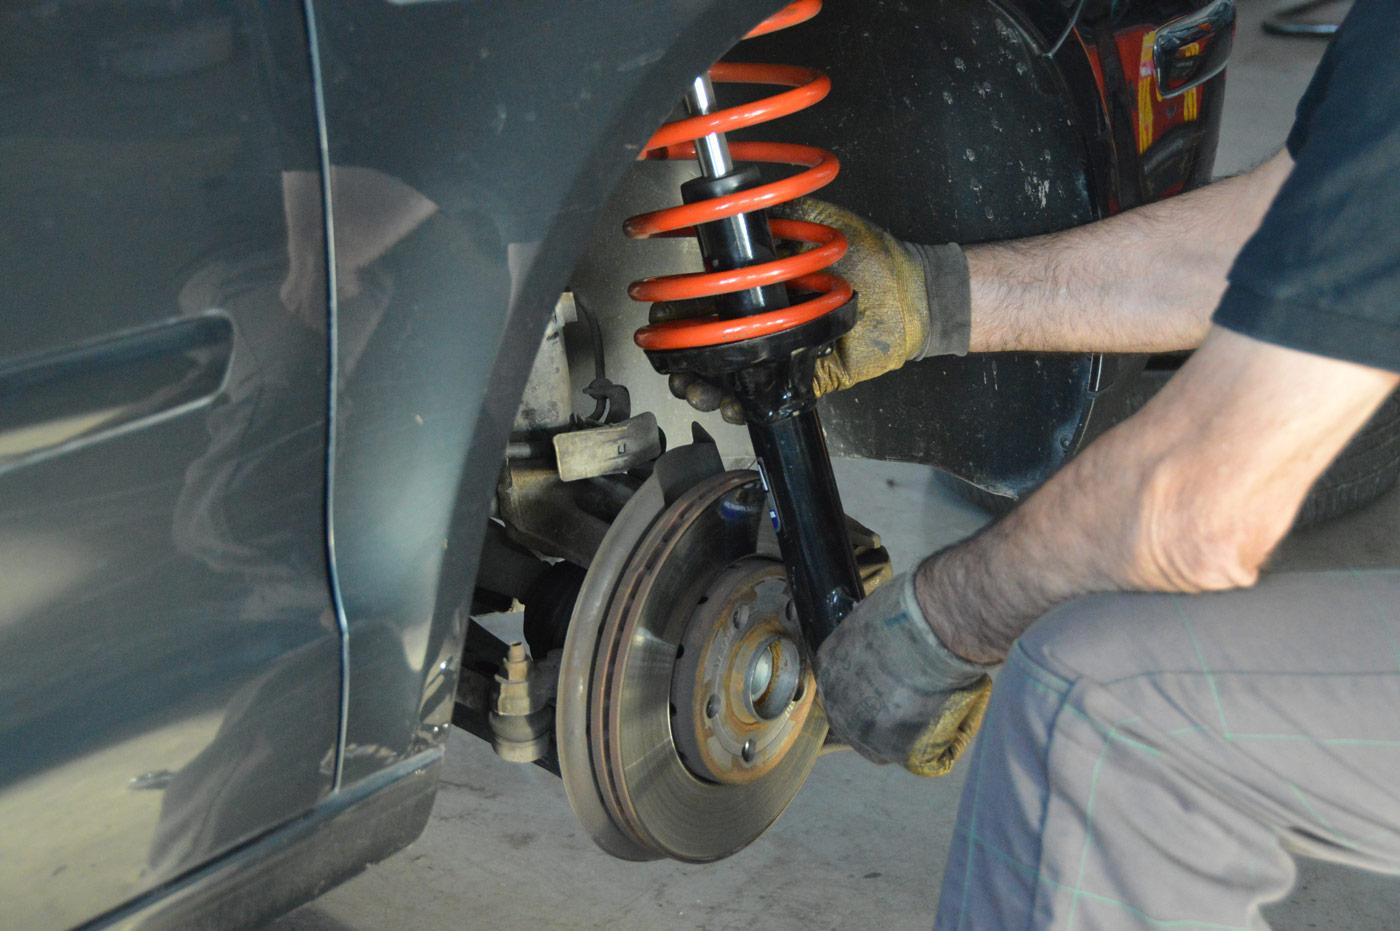 Garda Gomme Arco - Vendita e assistenza pneumatici, meccanica leggera, tagliandi e revisioni